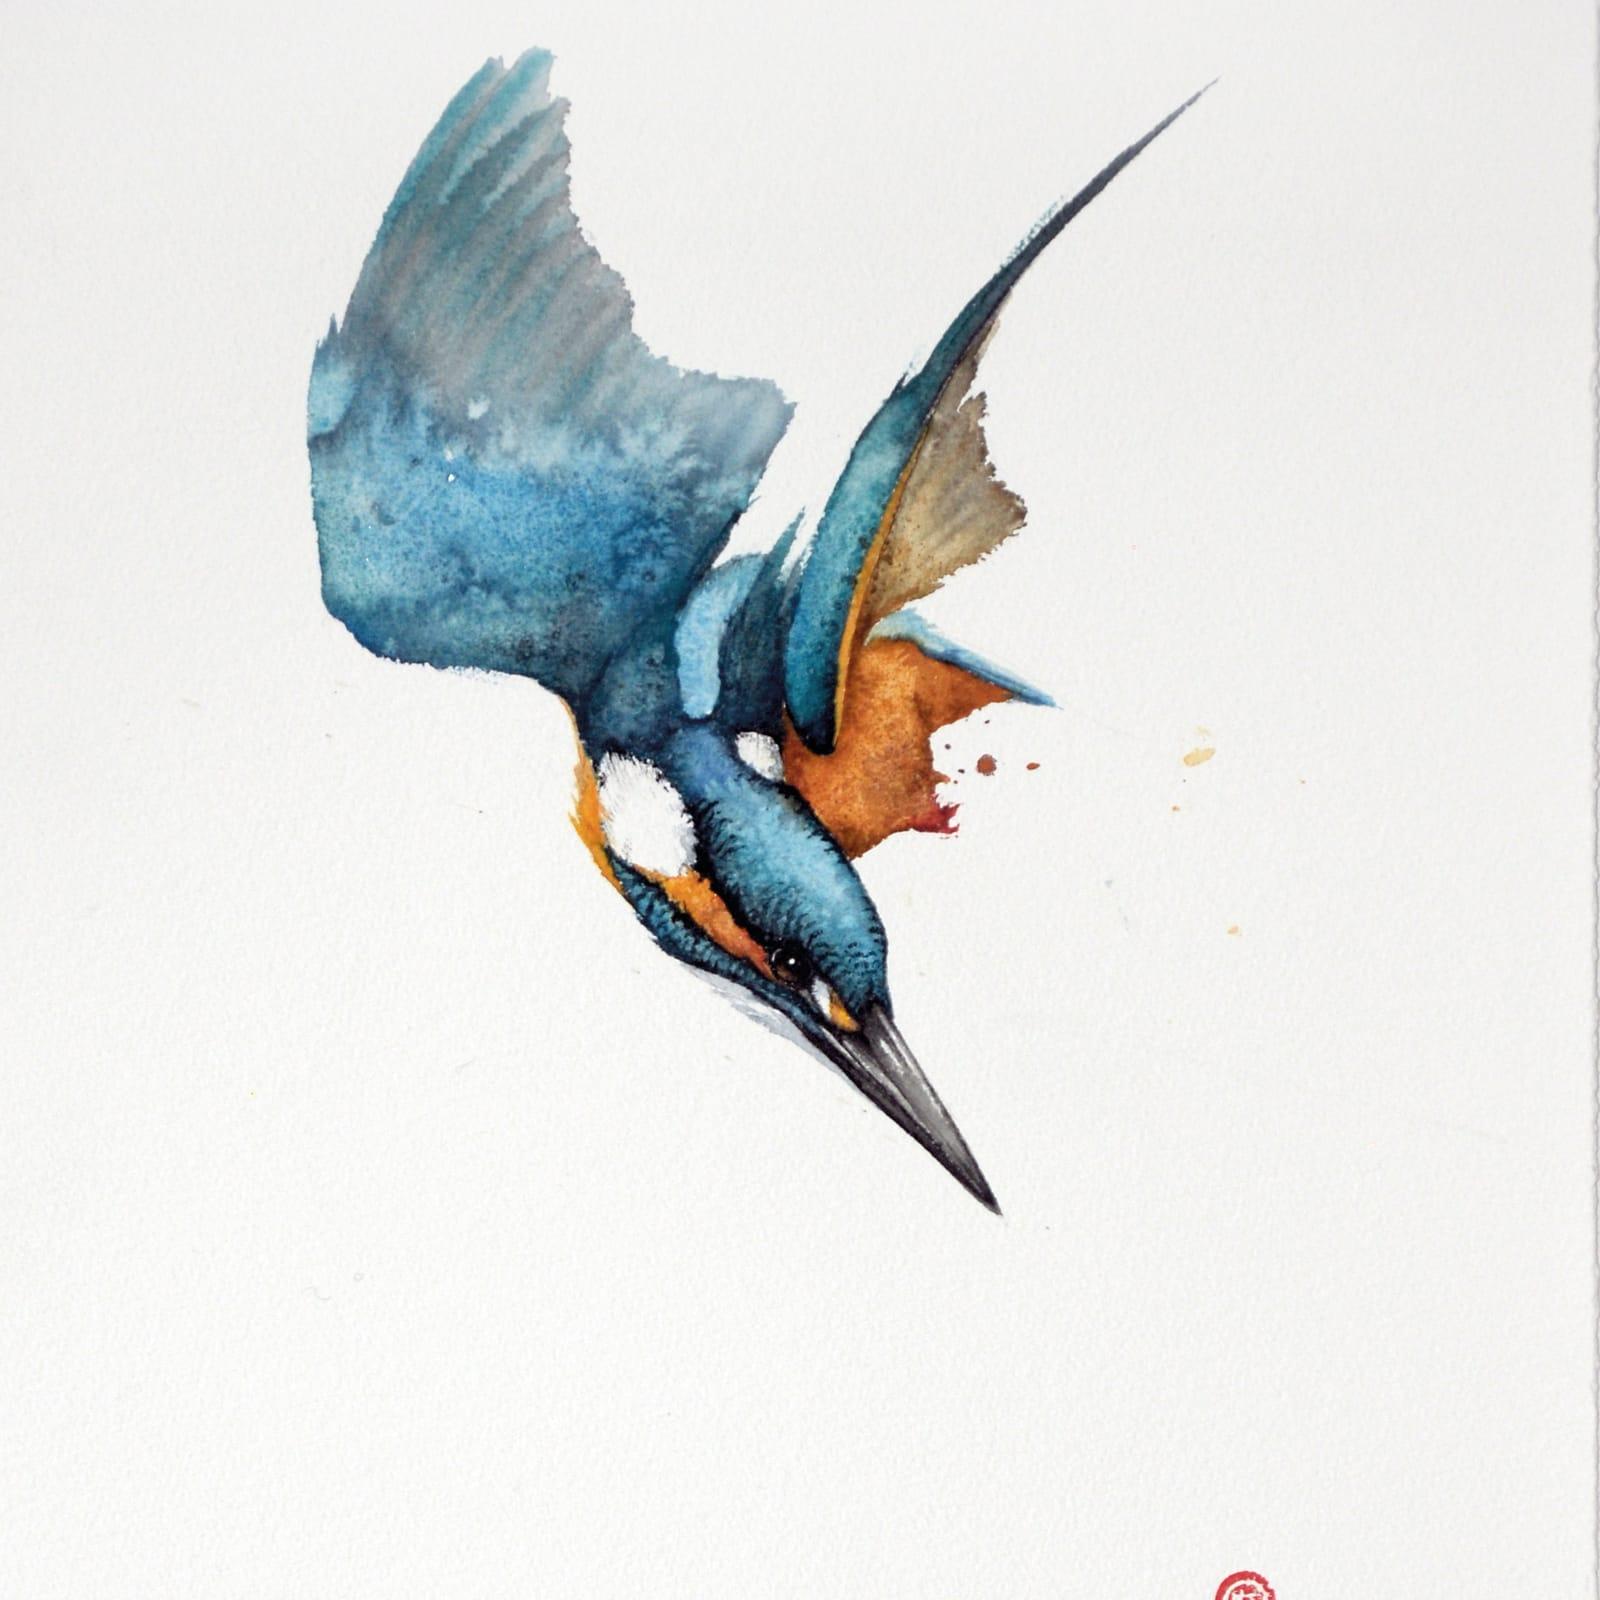 Karl Martens  KINGFISHER 2 (UNFRAMED)  Watercolour  53 x 38 cm  20 7/8 x 15 in